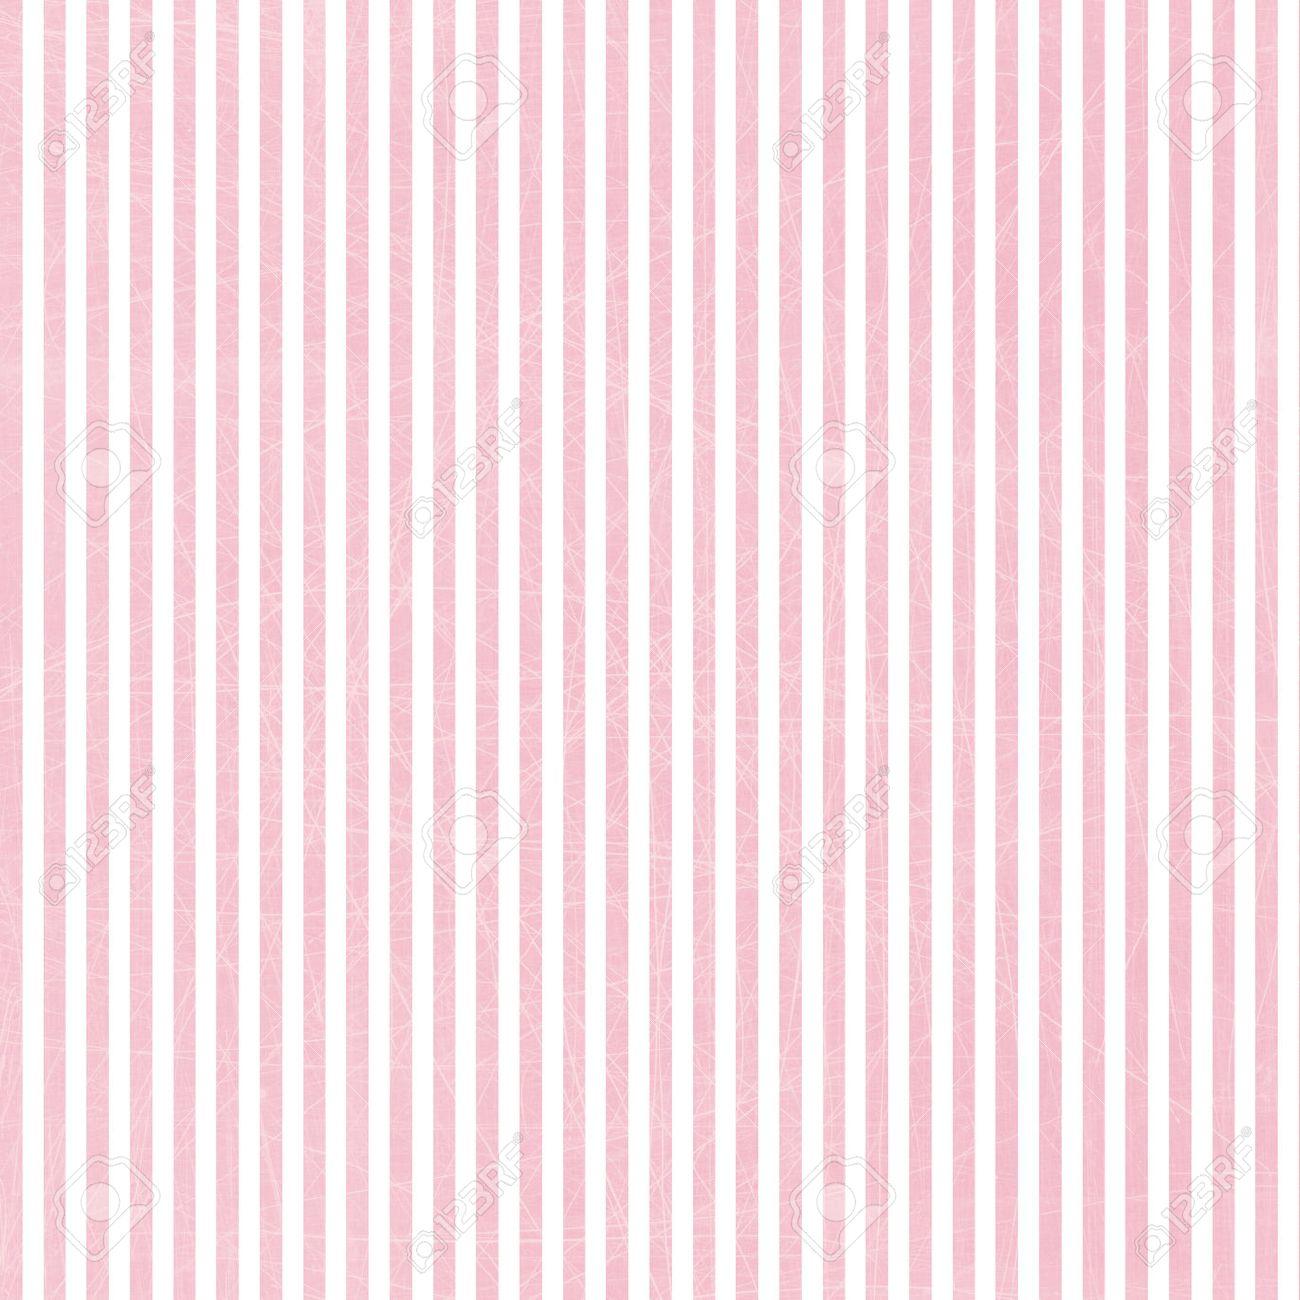 ピンクのストライプの背景 ロイ...